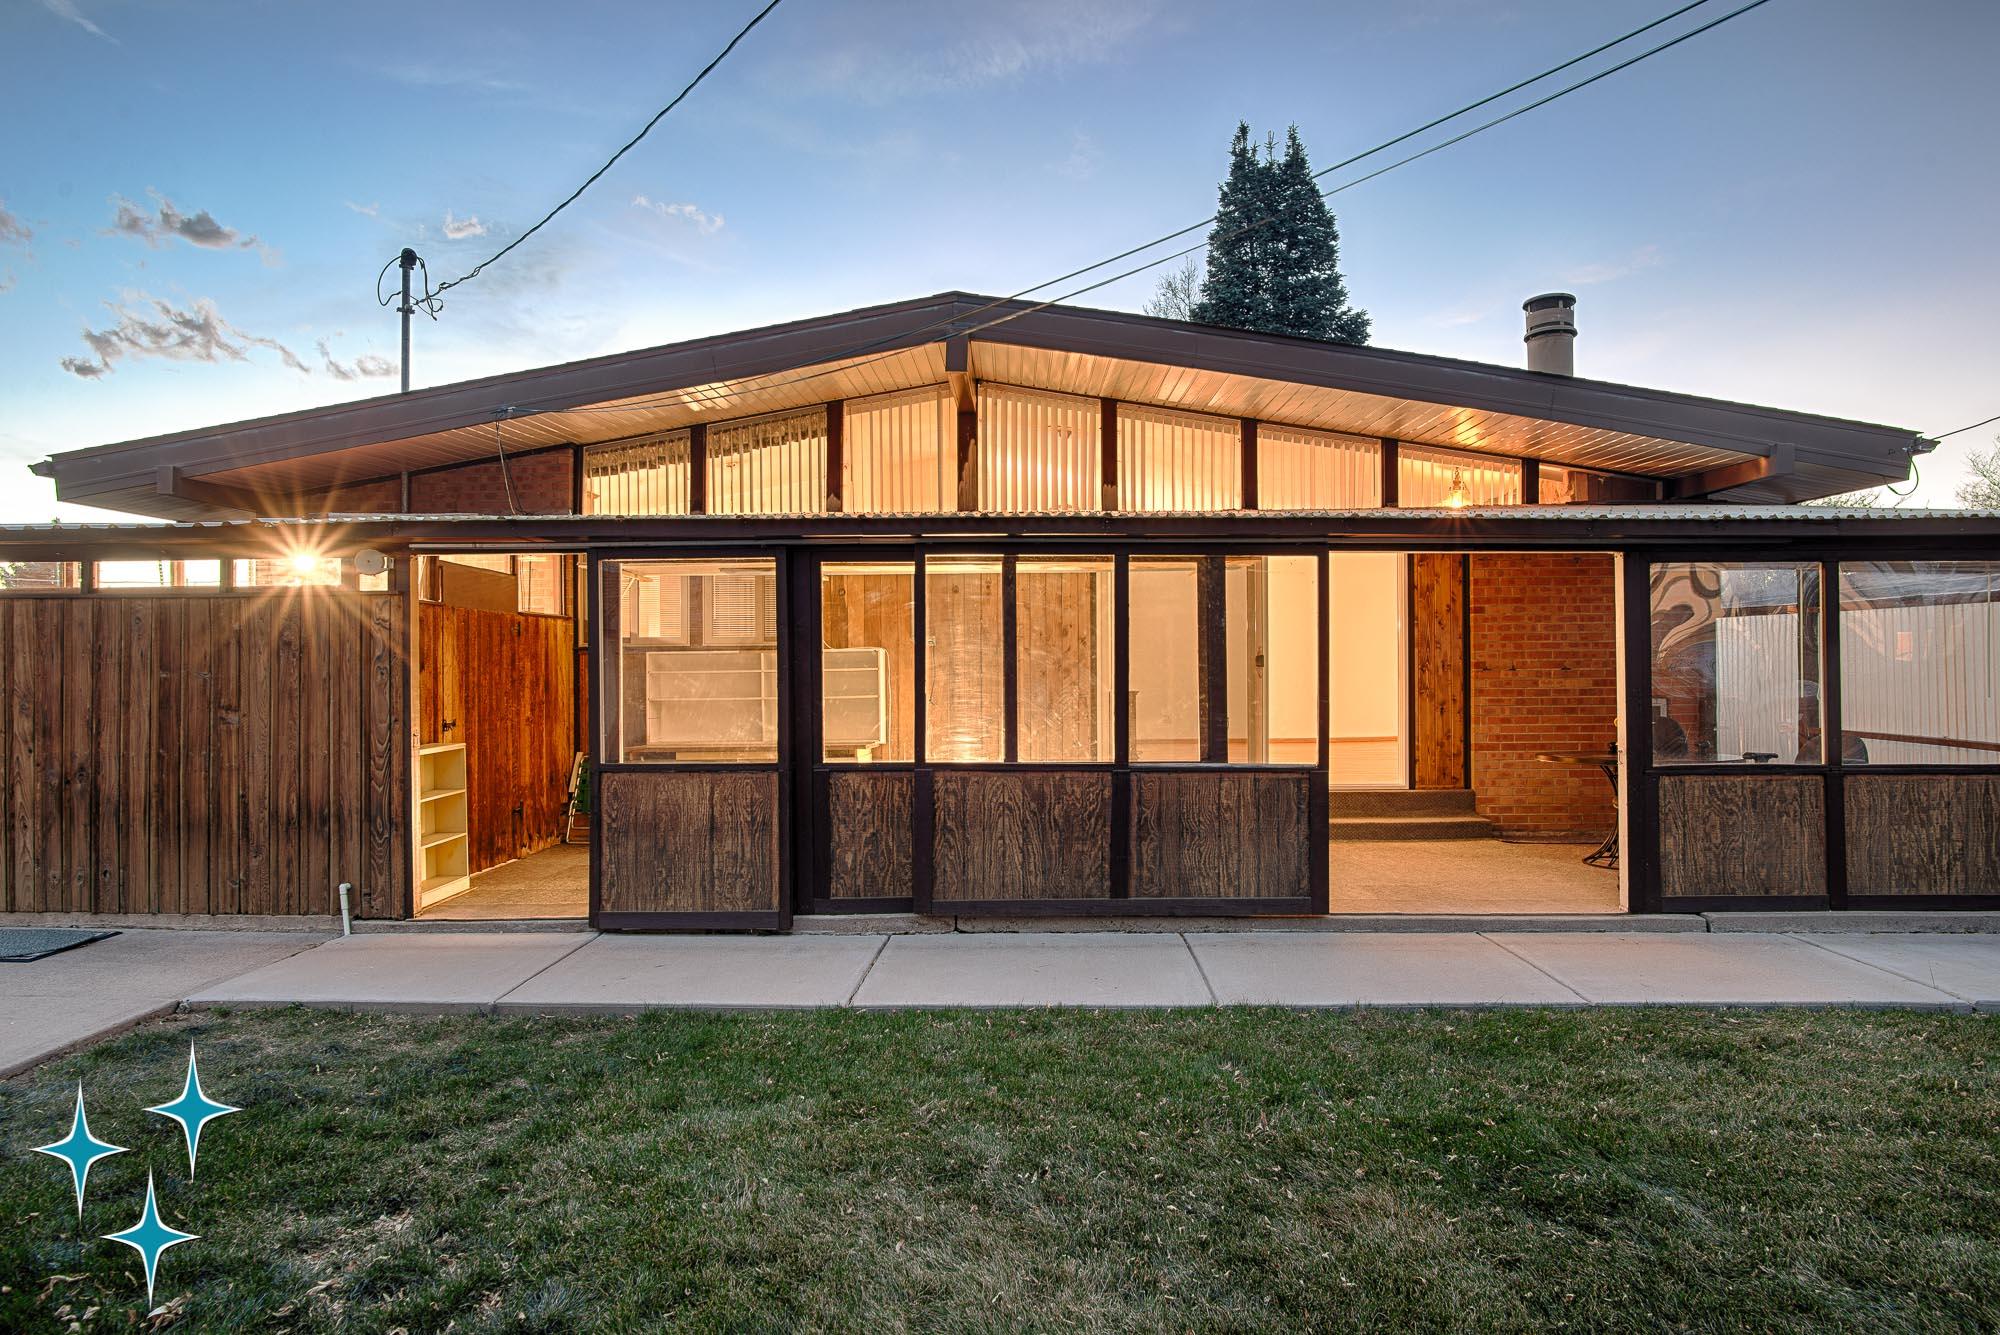 Adrian-Kinney-4155-W-Iliff-Avenue-Denver-r-Carey-Holiday-Home-2000w50-3SWM-8.jpg